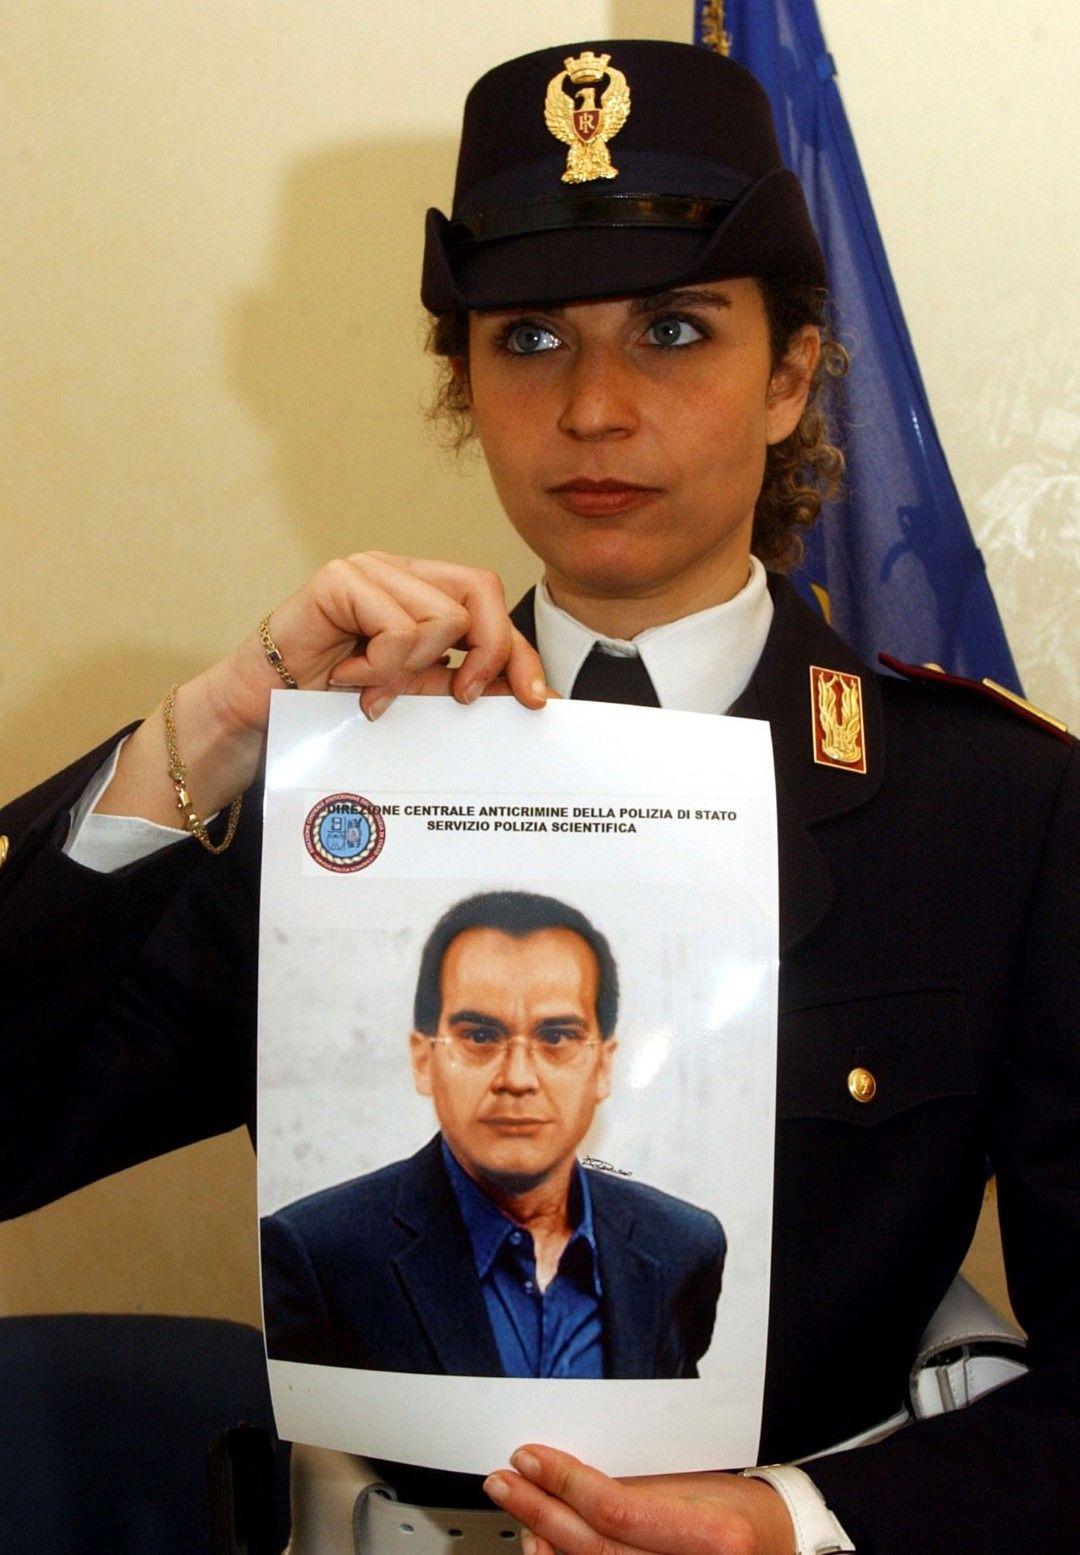 В Италия арестуваха мафиотския бос Месина Денаро